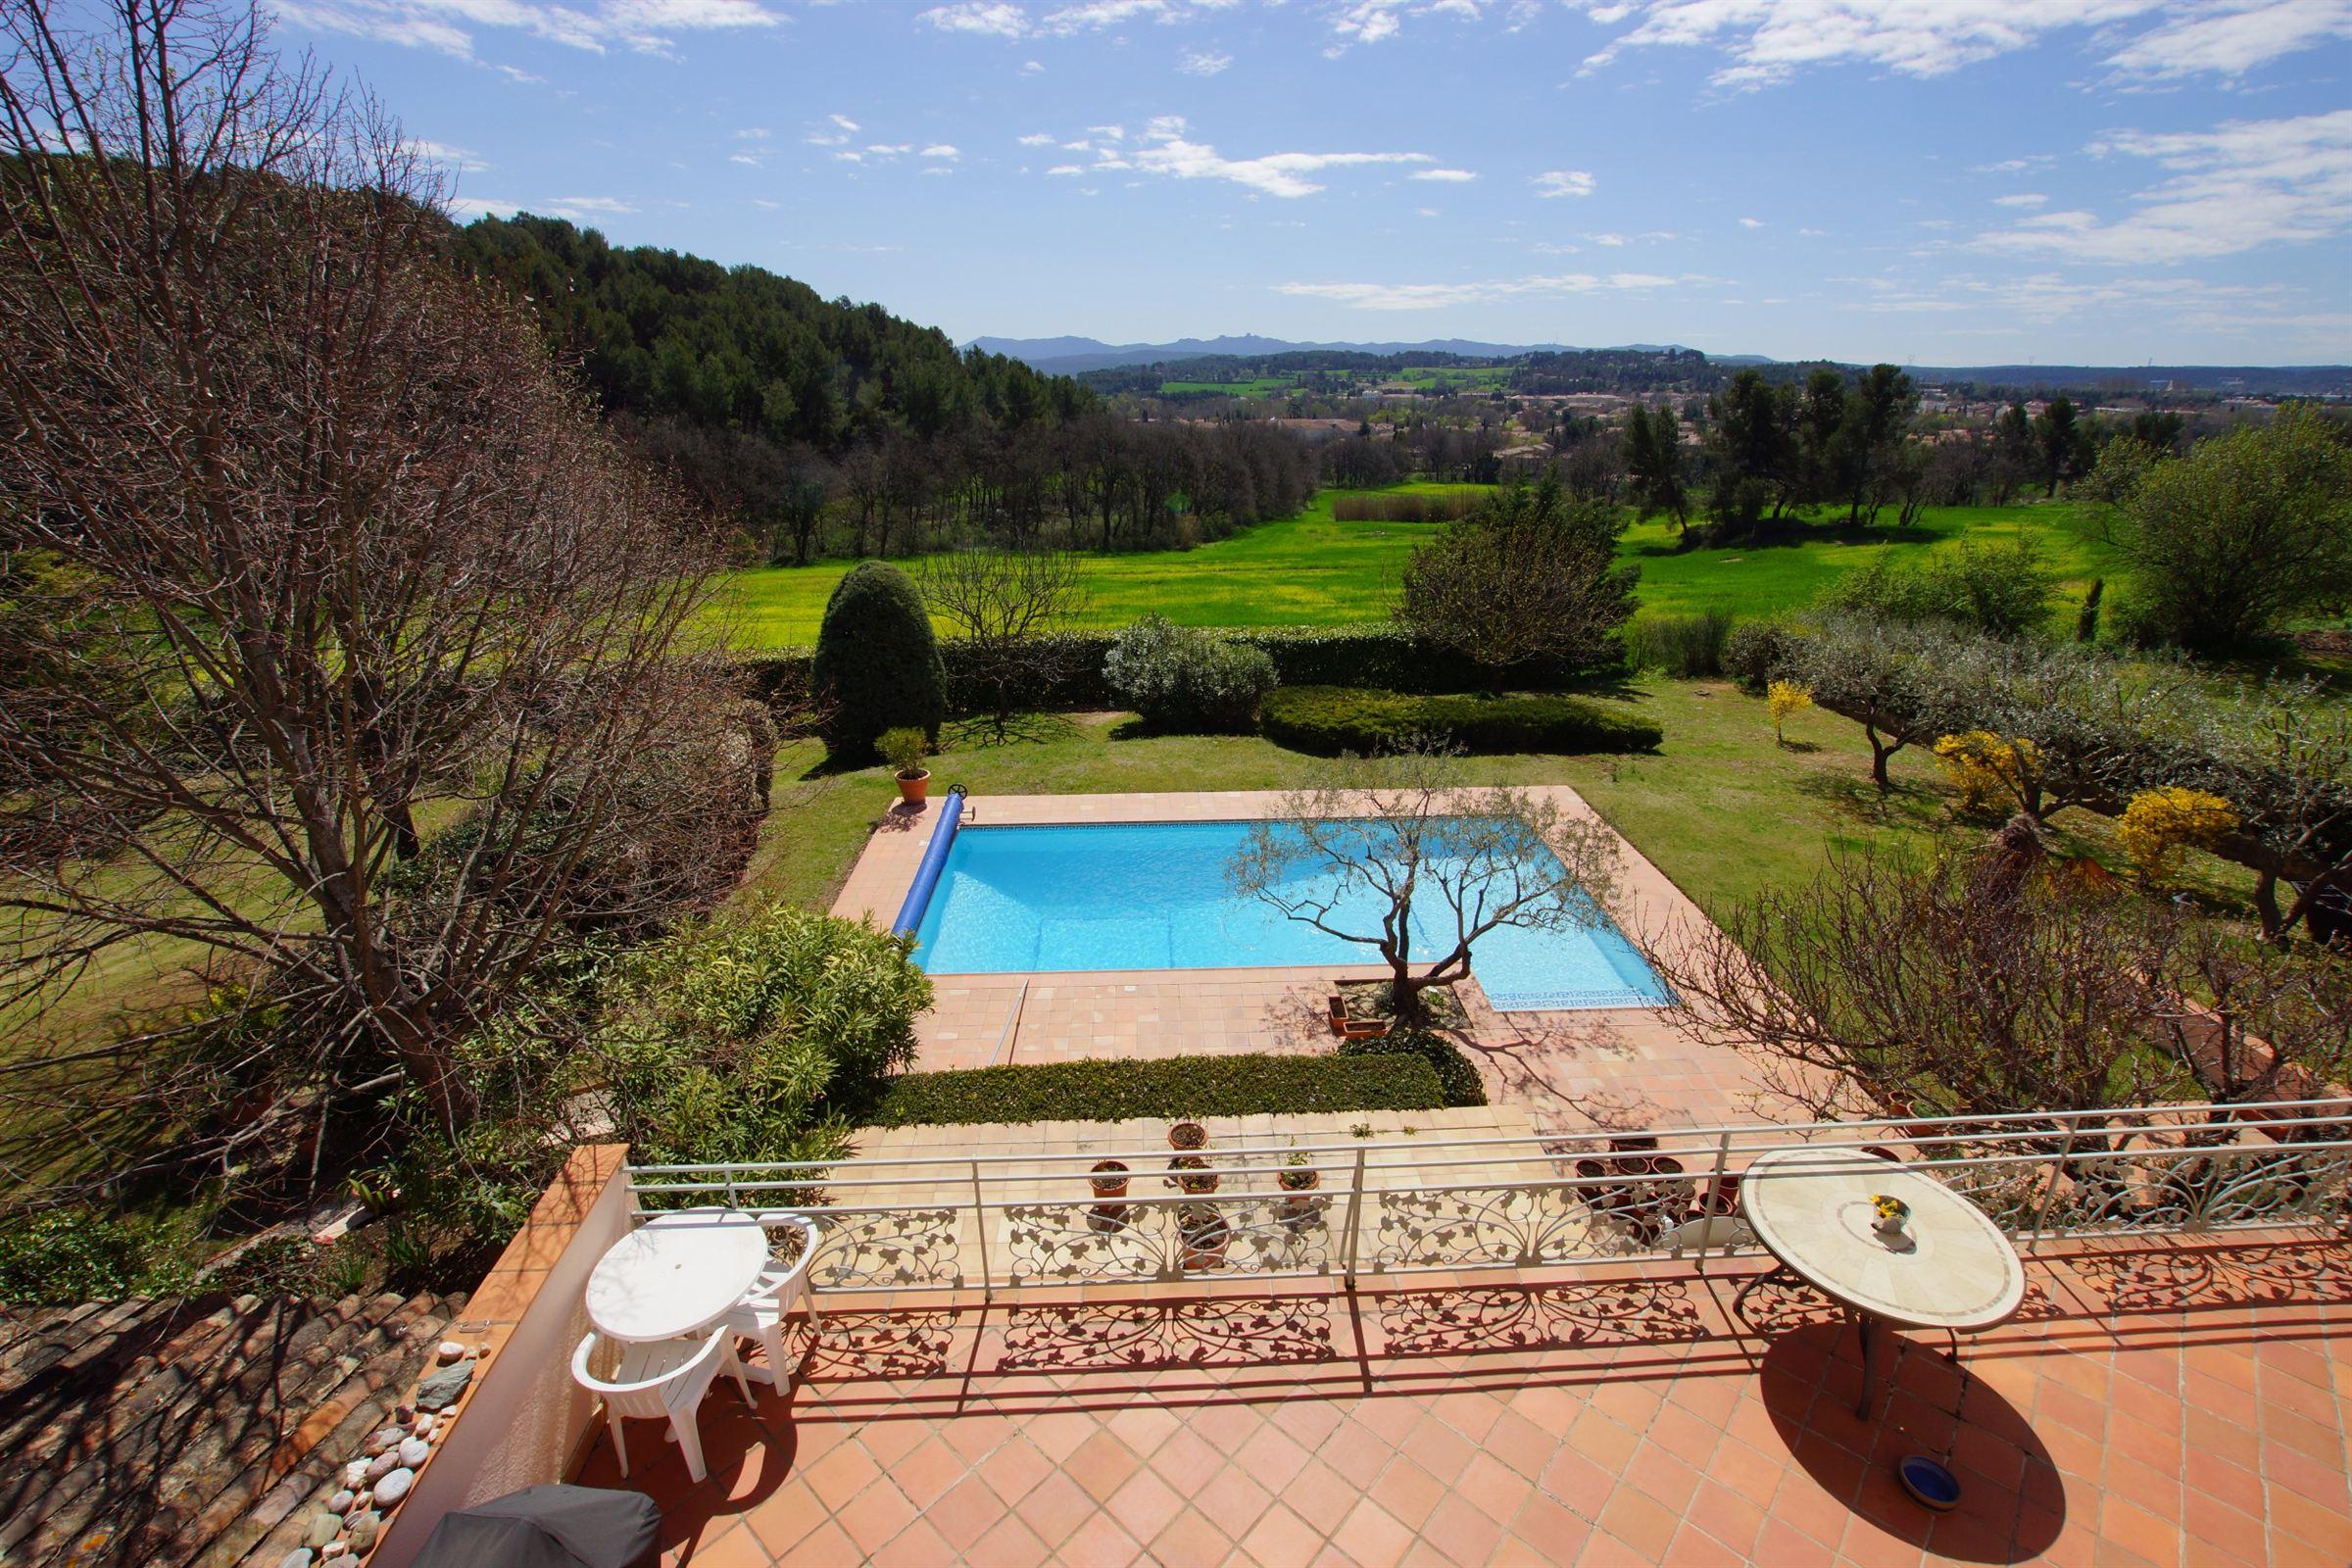 Moradia para Venda às House Other Provence-Alpes-Cote D'Azur, Provença-Alpes-Costa Azul, 13090 França